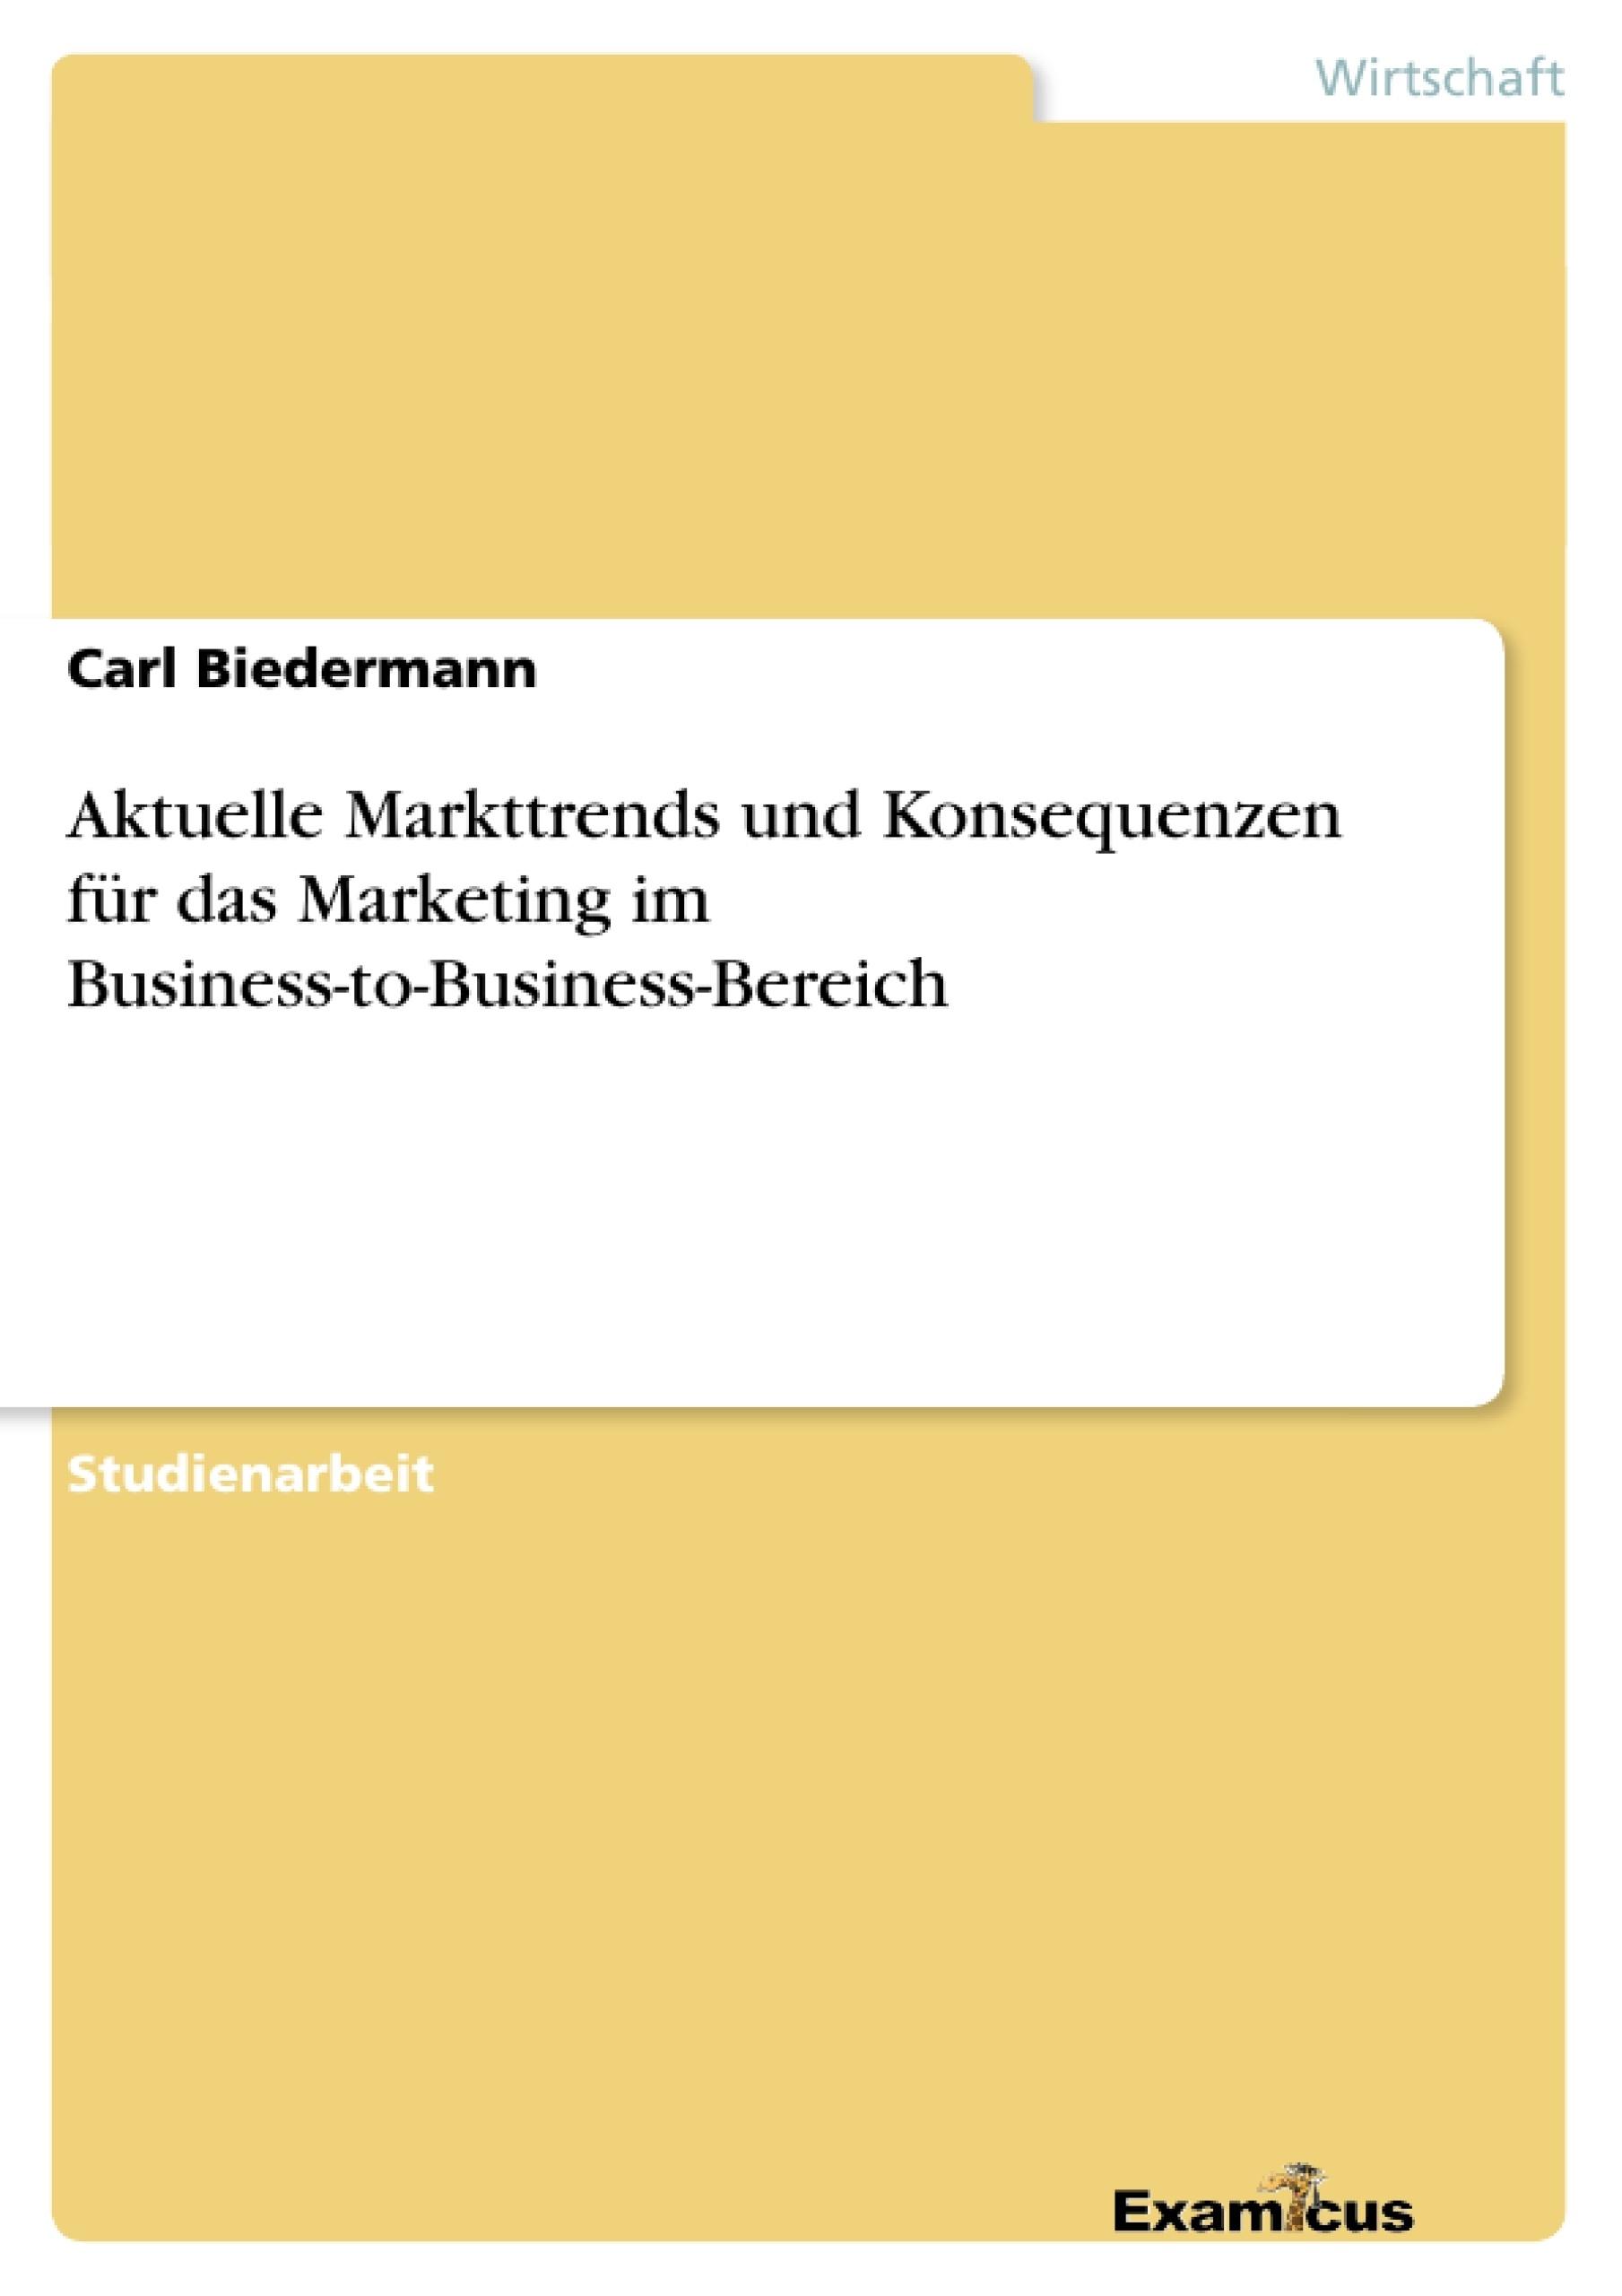 Titel: Aktuelle Markttrends und Konsequenzen für dasMarketing im Business-to-Business-Bereich